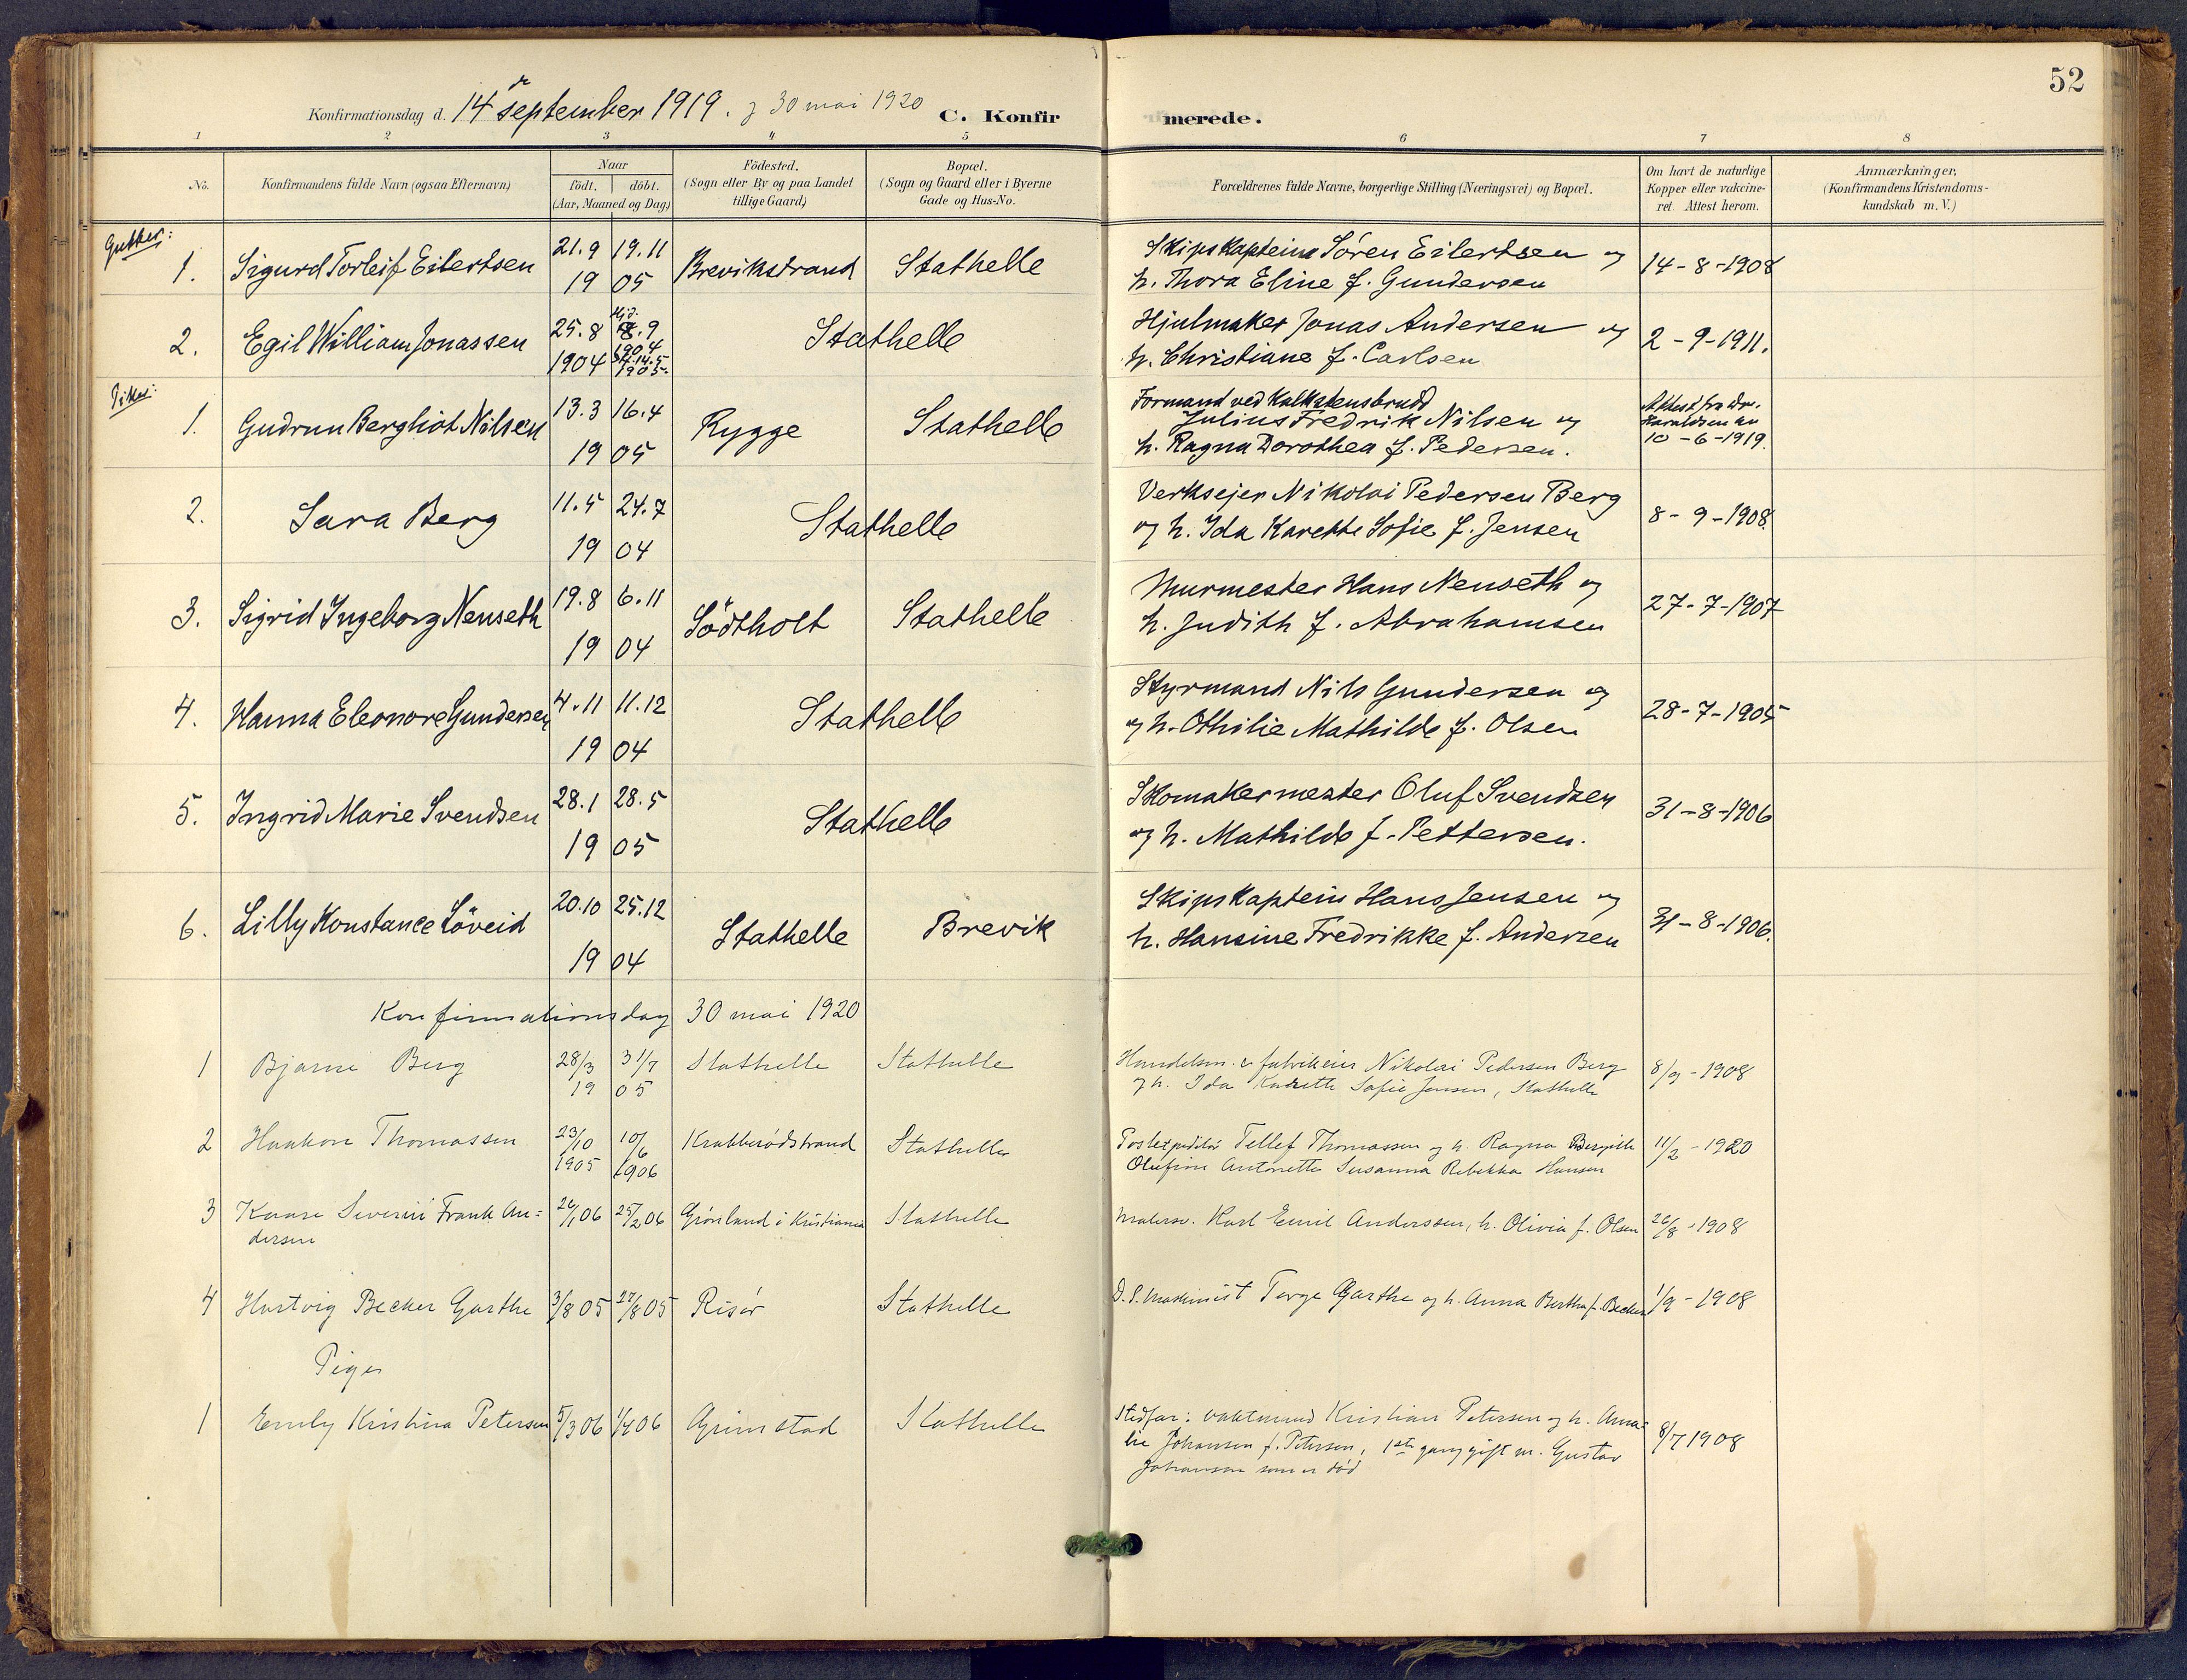 SAKO, Bamble kirkebøker, F/Fb/L0002: Ministerialbok nr. II 2, 1900-1921, s. 52